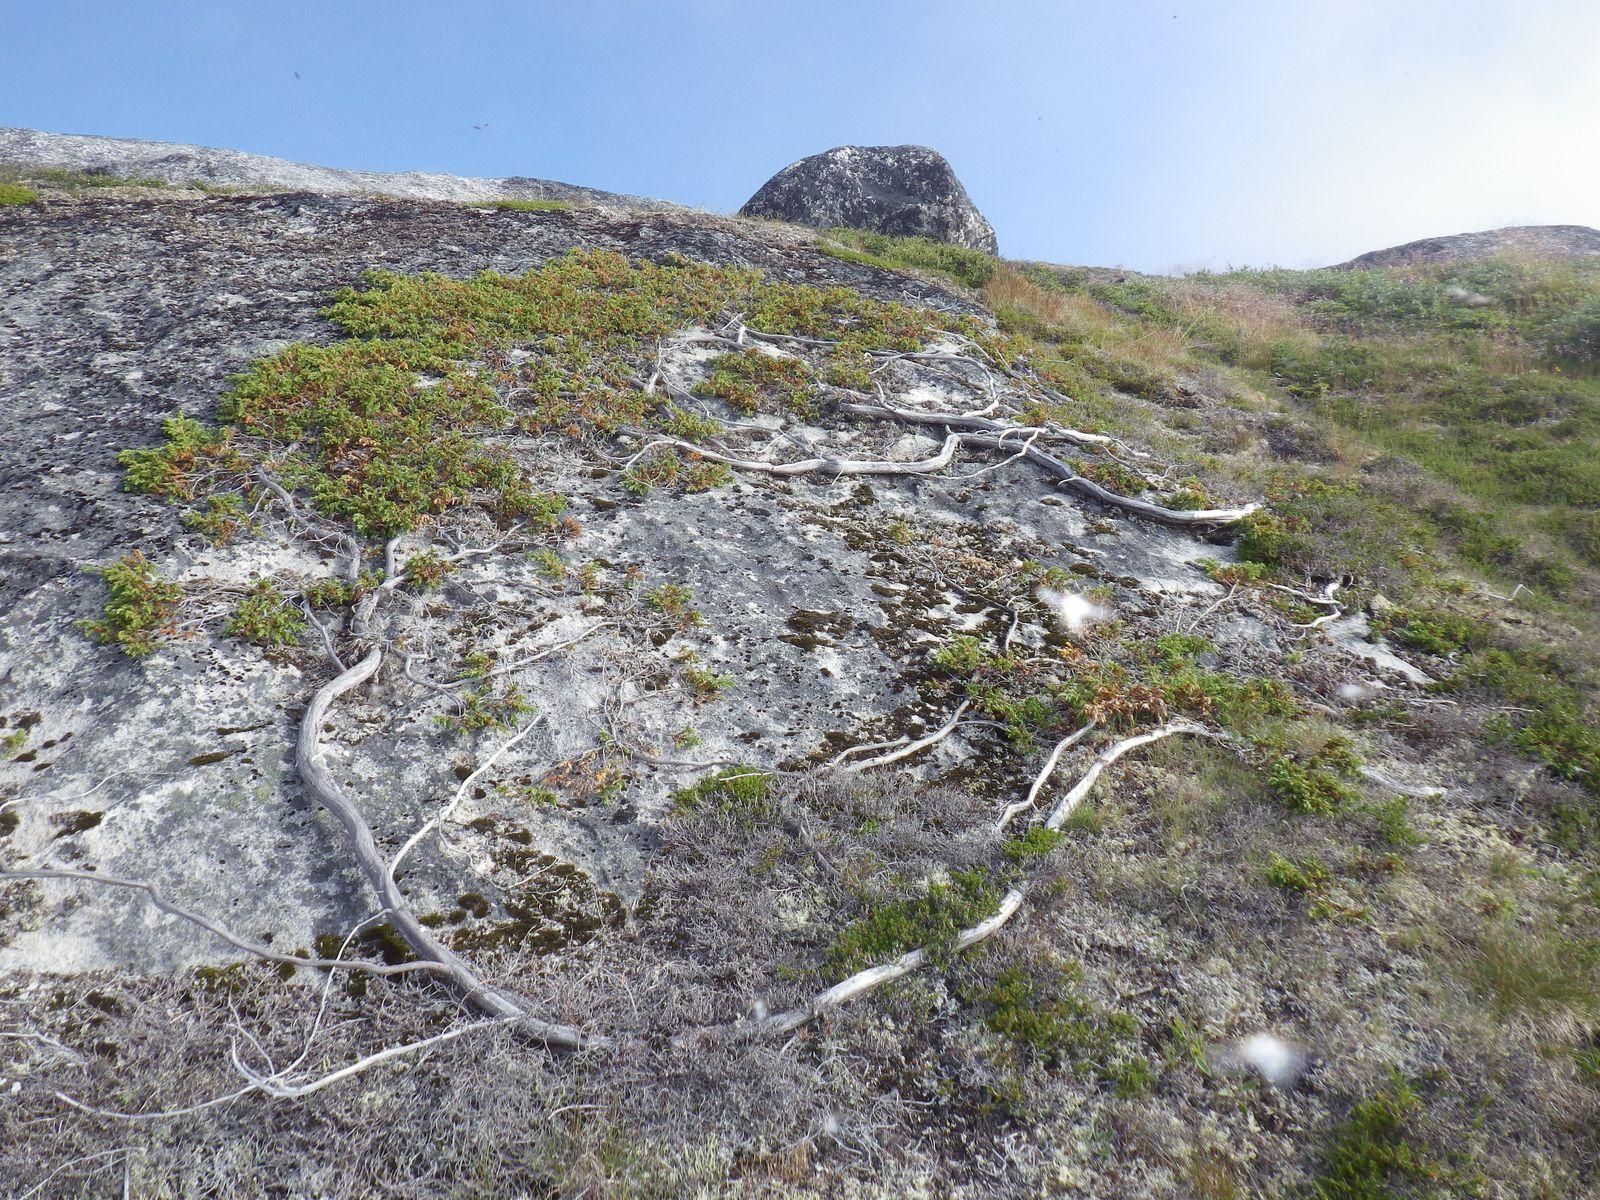 2013-08-06-1259_-_vegetation